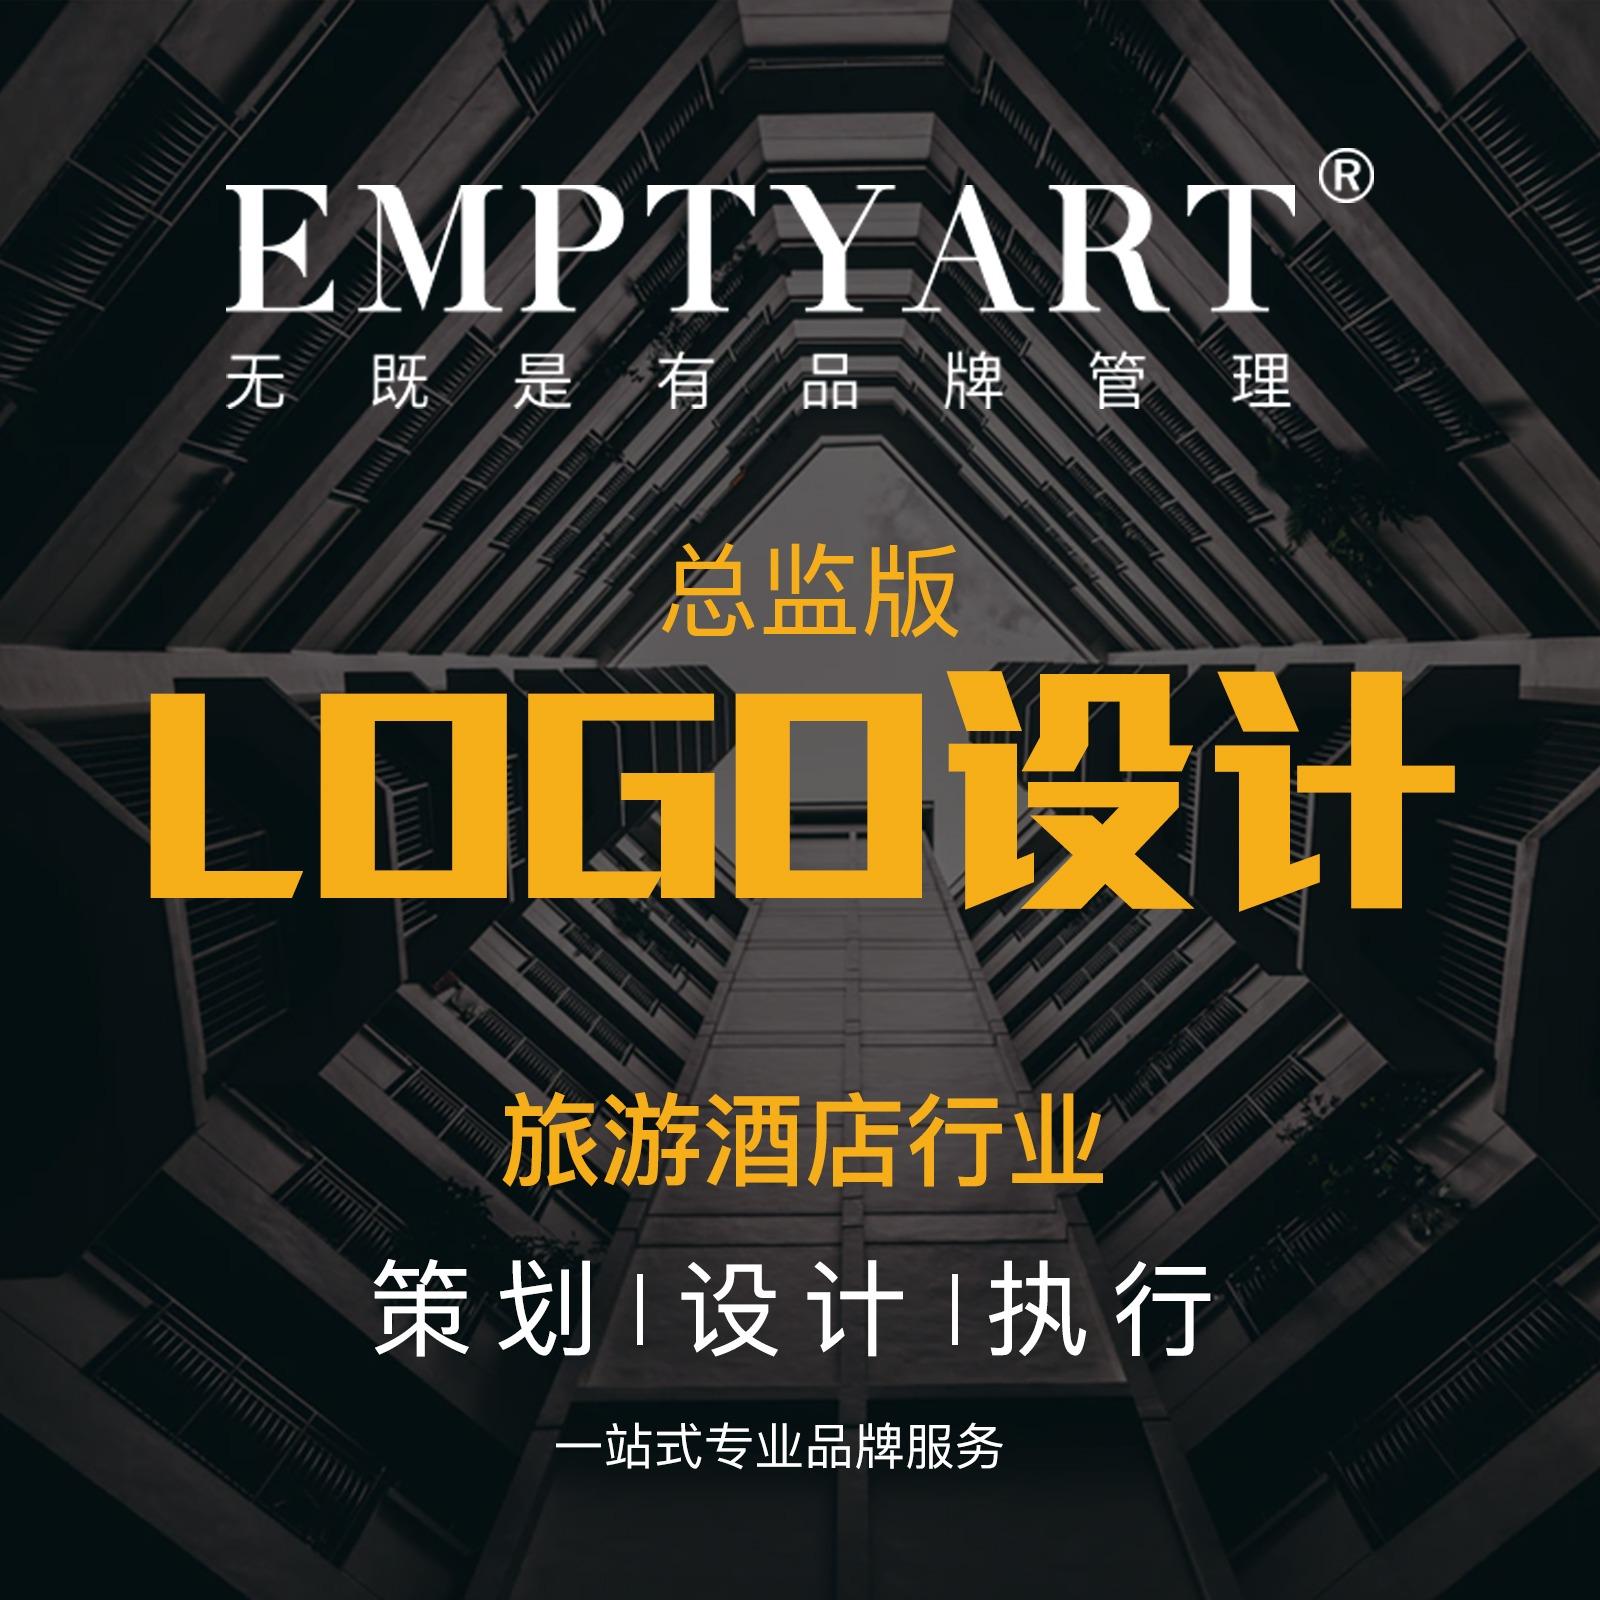 总监版旅游酒店行业品牌<hl>logo设计</hl>原创标志商标<hl>LOGO</hl>图标